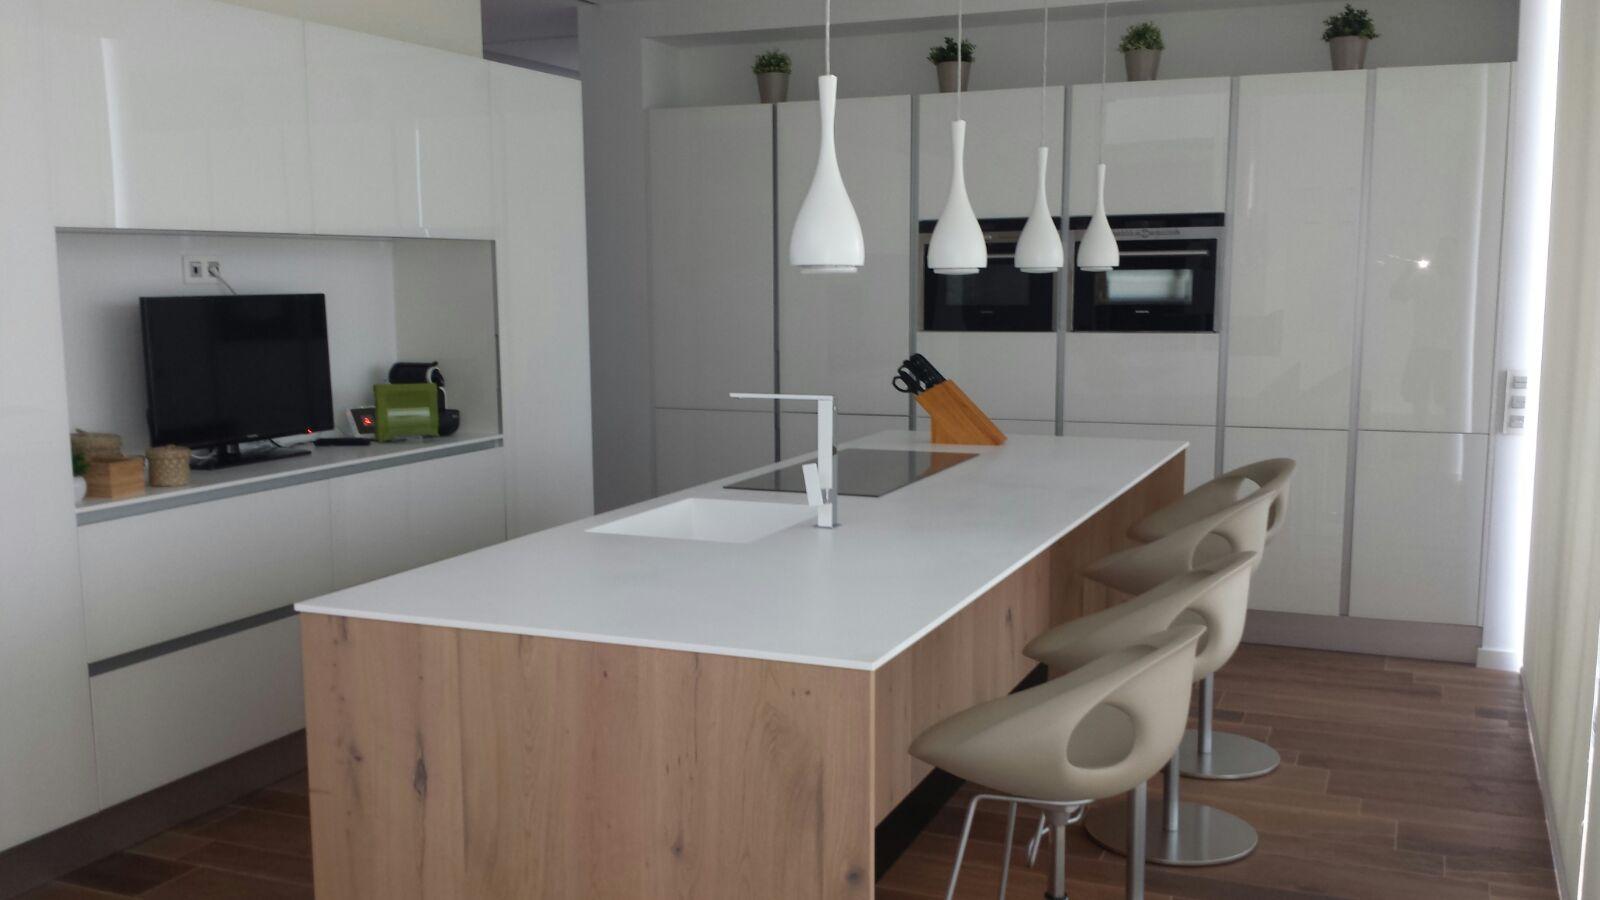 Cocina blanca de cristal templado